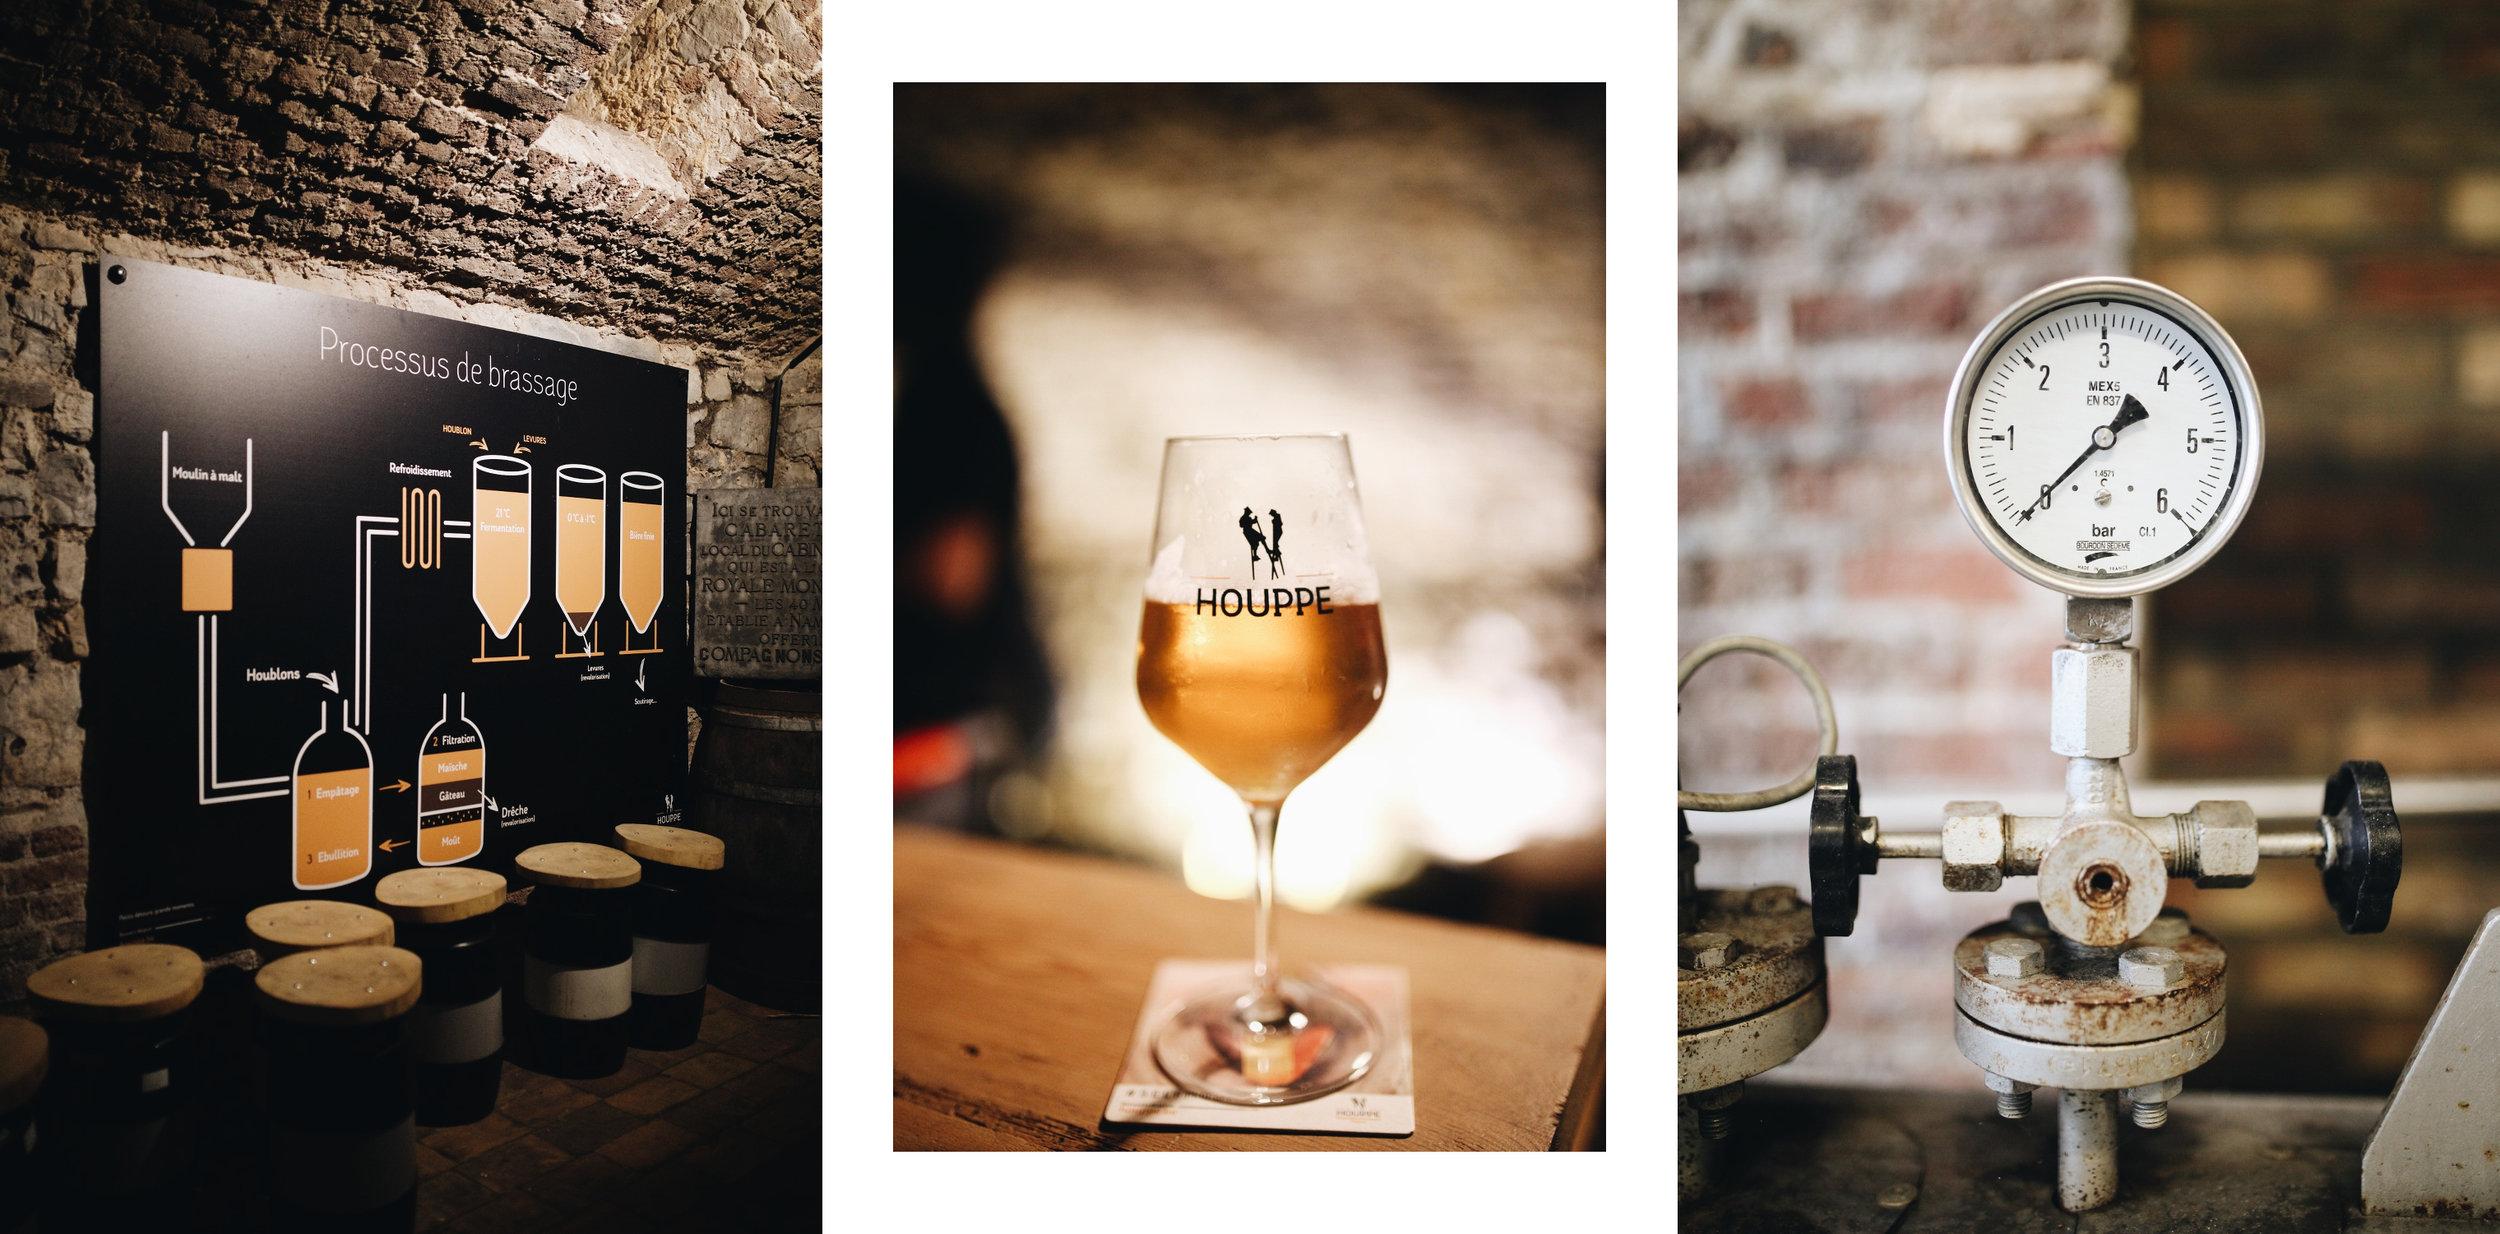 namur-brasserie-echasse-degustation-houppe.JPG